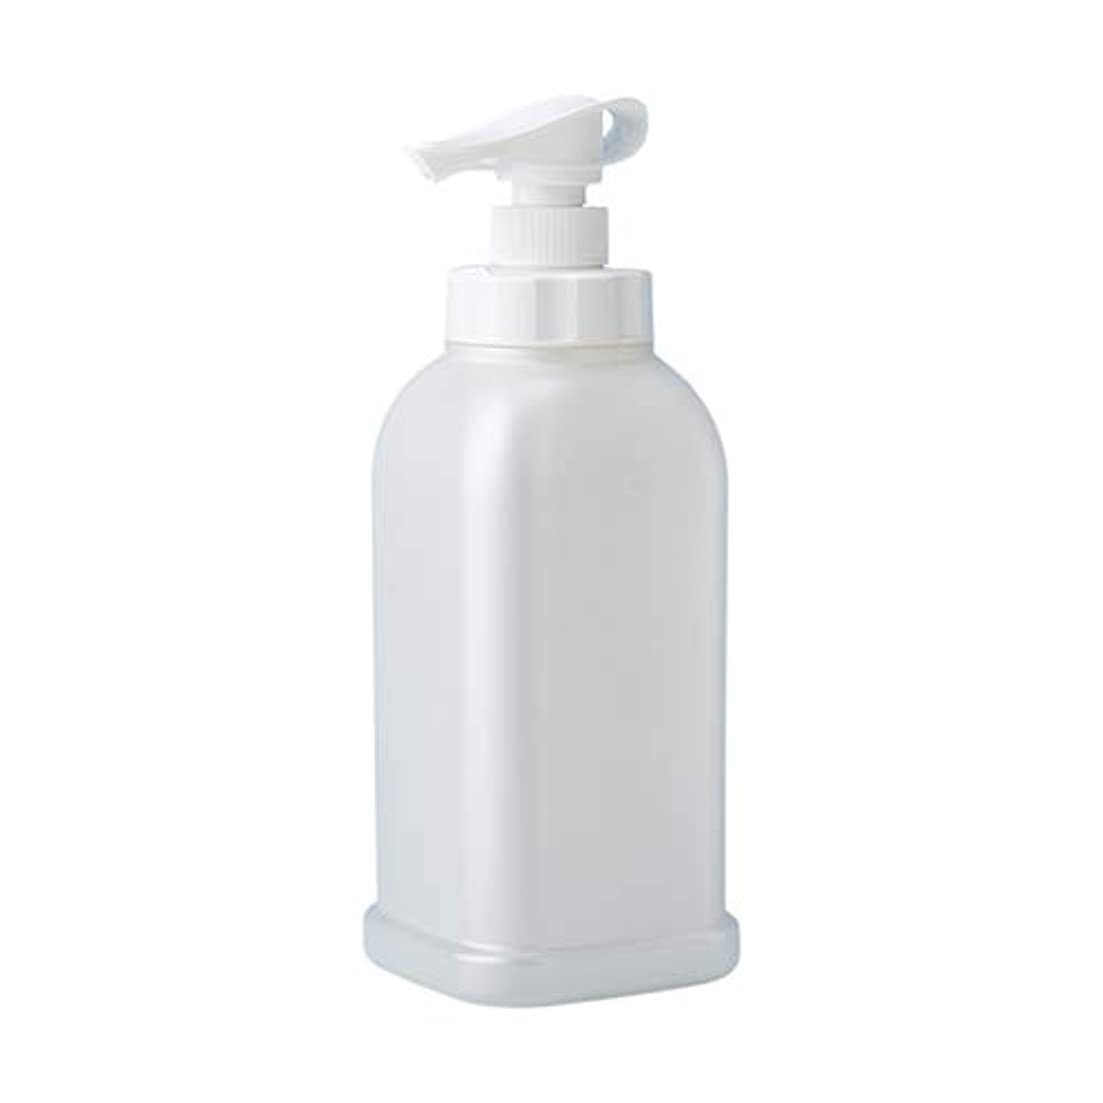 鉄道夕暮れ友だち安定感のある ポンプボトル シャンプー コンディショナー リンス ボディソープ ハンドソープ 1.2L詰め替え容器 パールホワイト